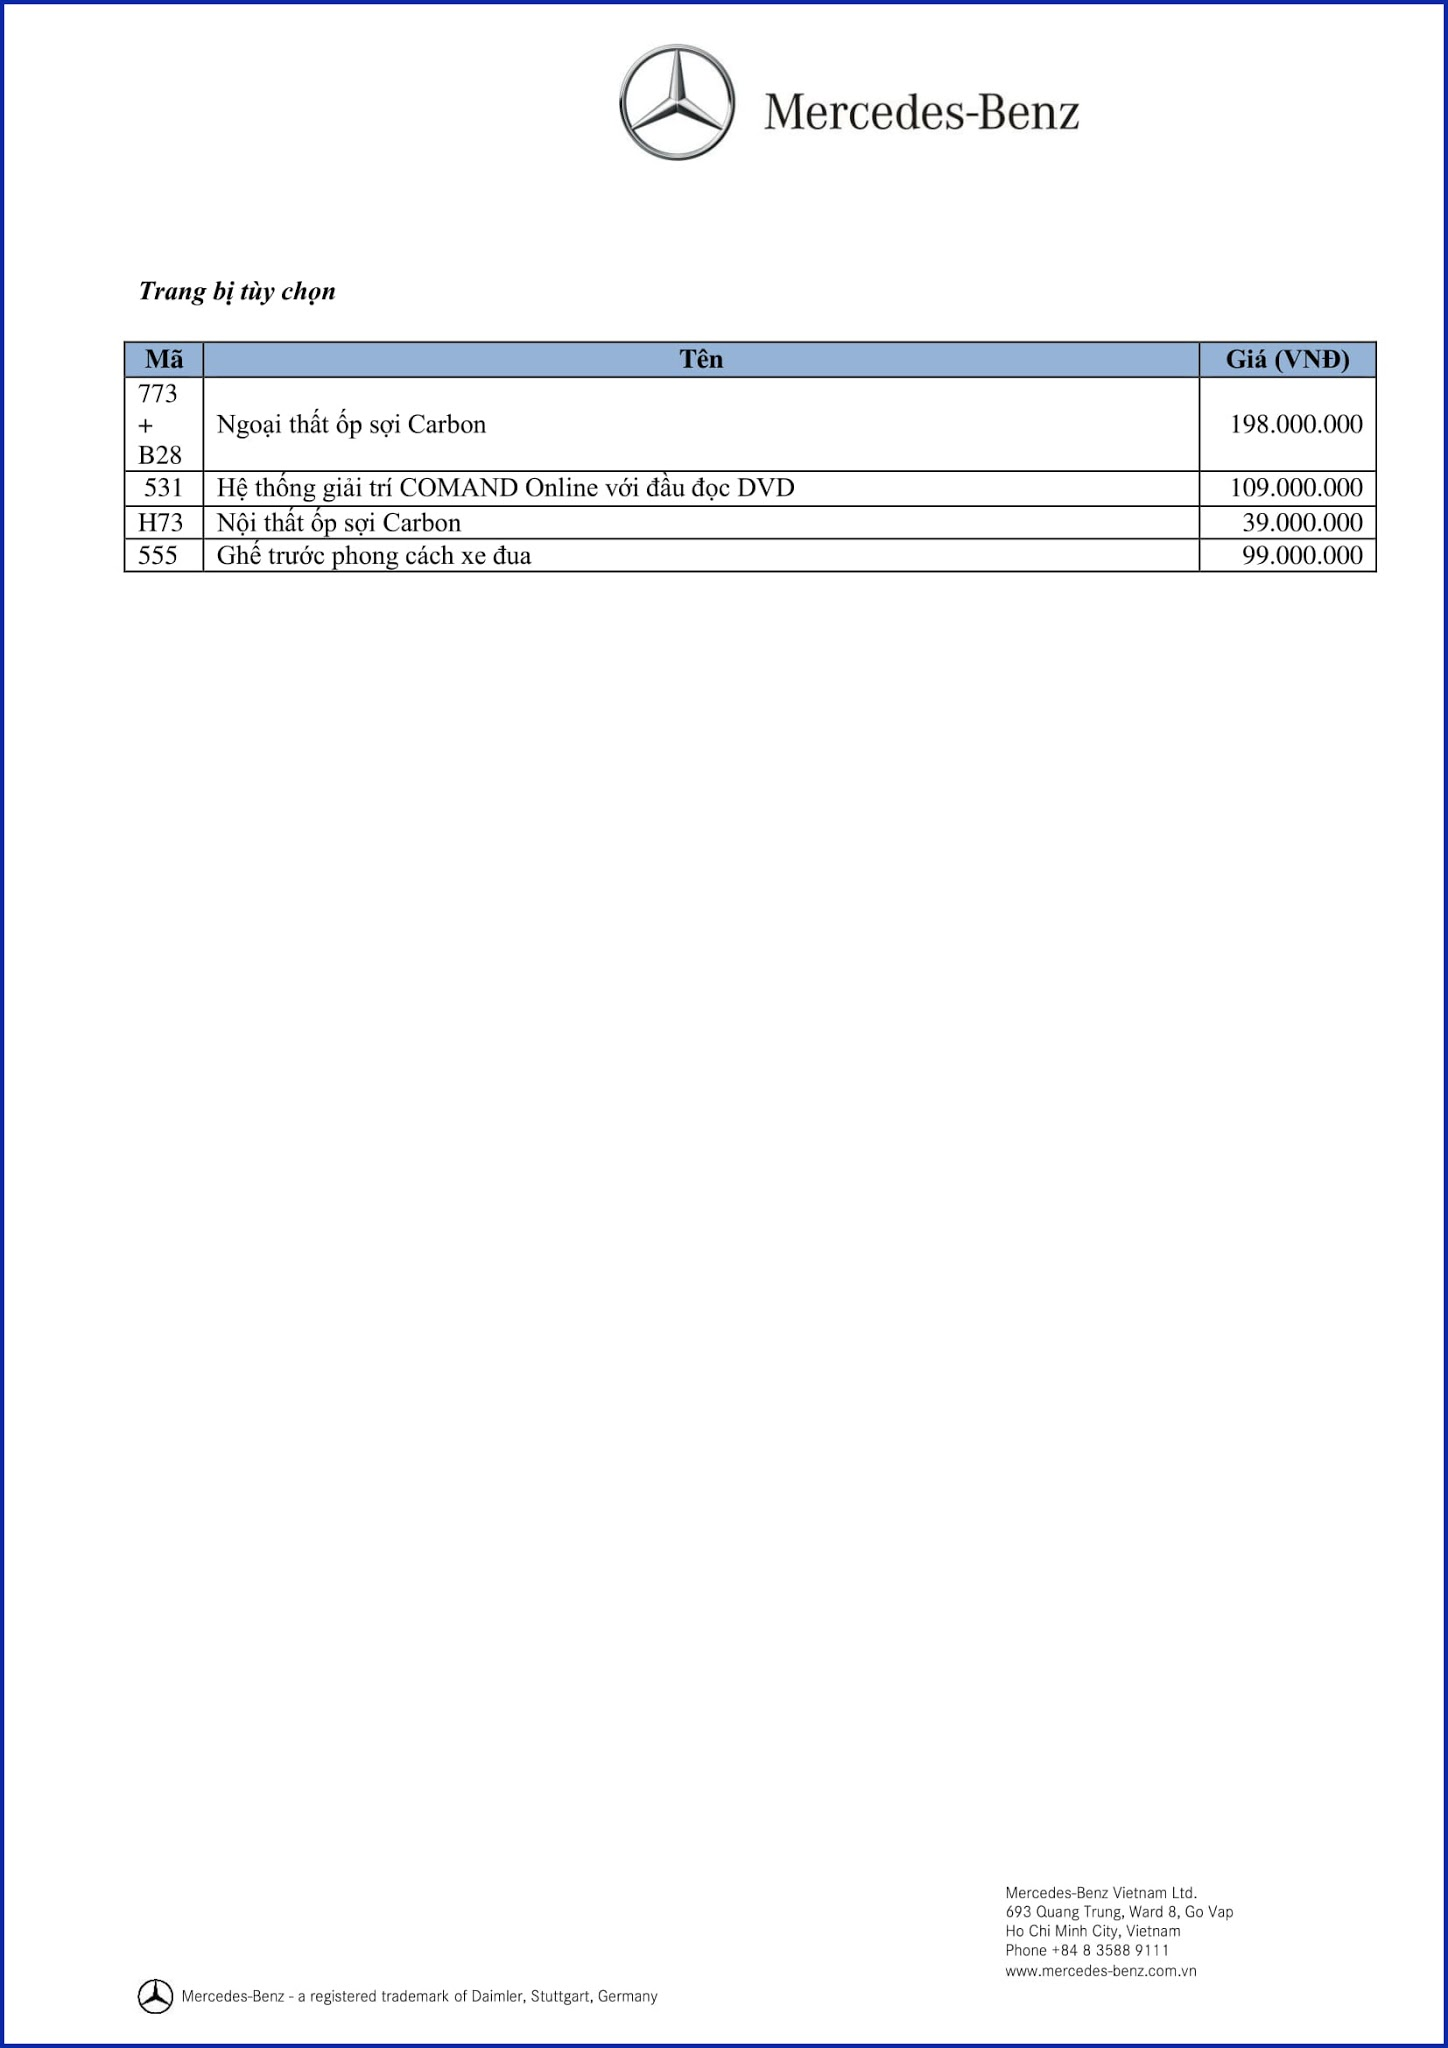 Bảng thông số kỹ thuật Mercedes AMG GLA 45 4MATIC 2018 tại Mercedes Trường Chinh